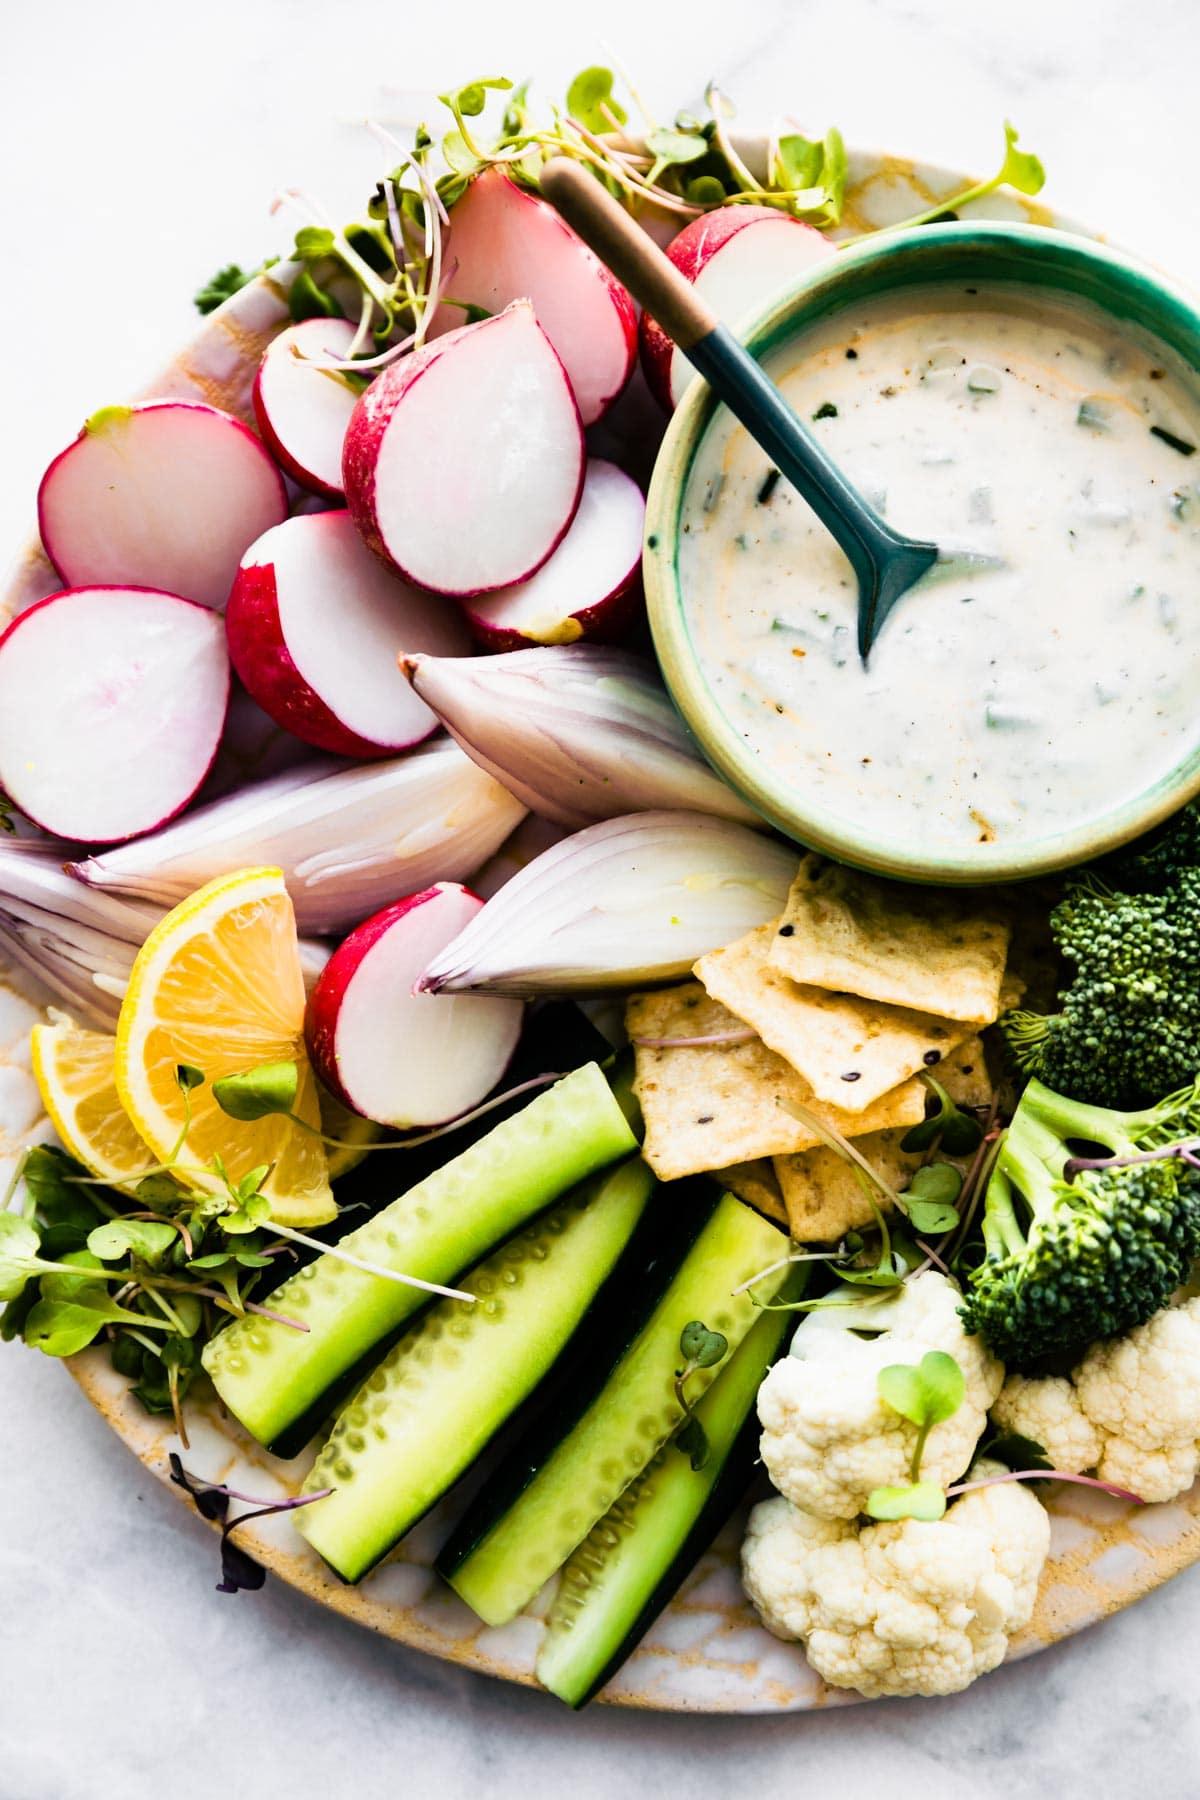 fresh vegetables and vegan veggie dip on snack platter